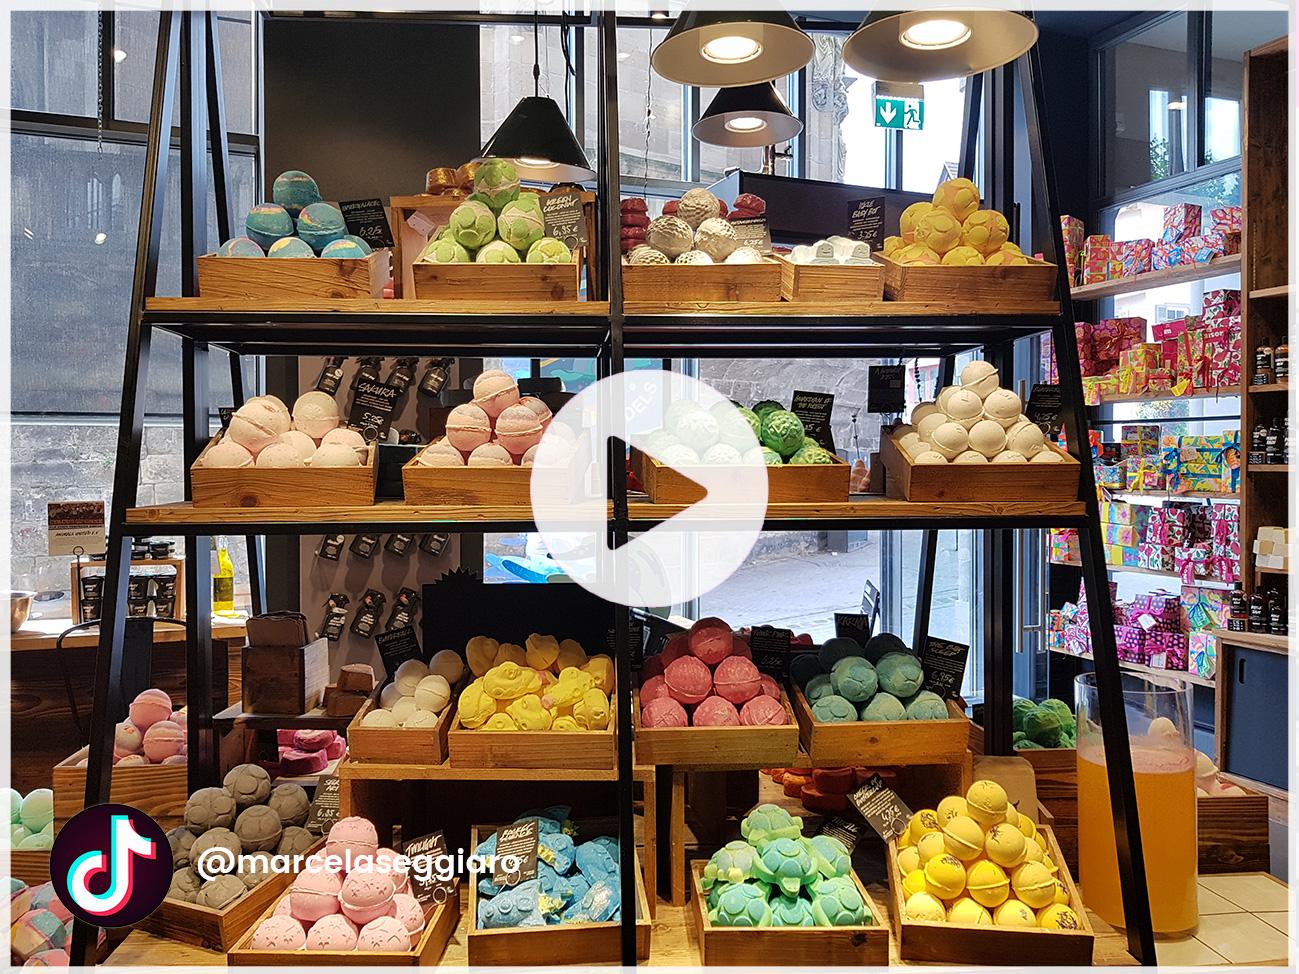 Marketing sensorial: El factor clave de una tienda comercial. Marcela Seggiaro